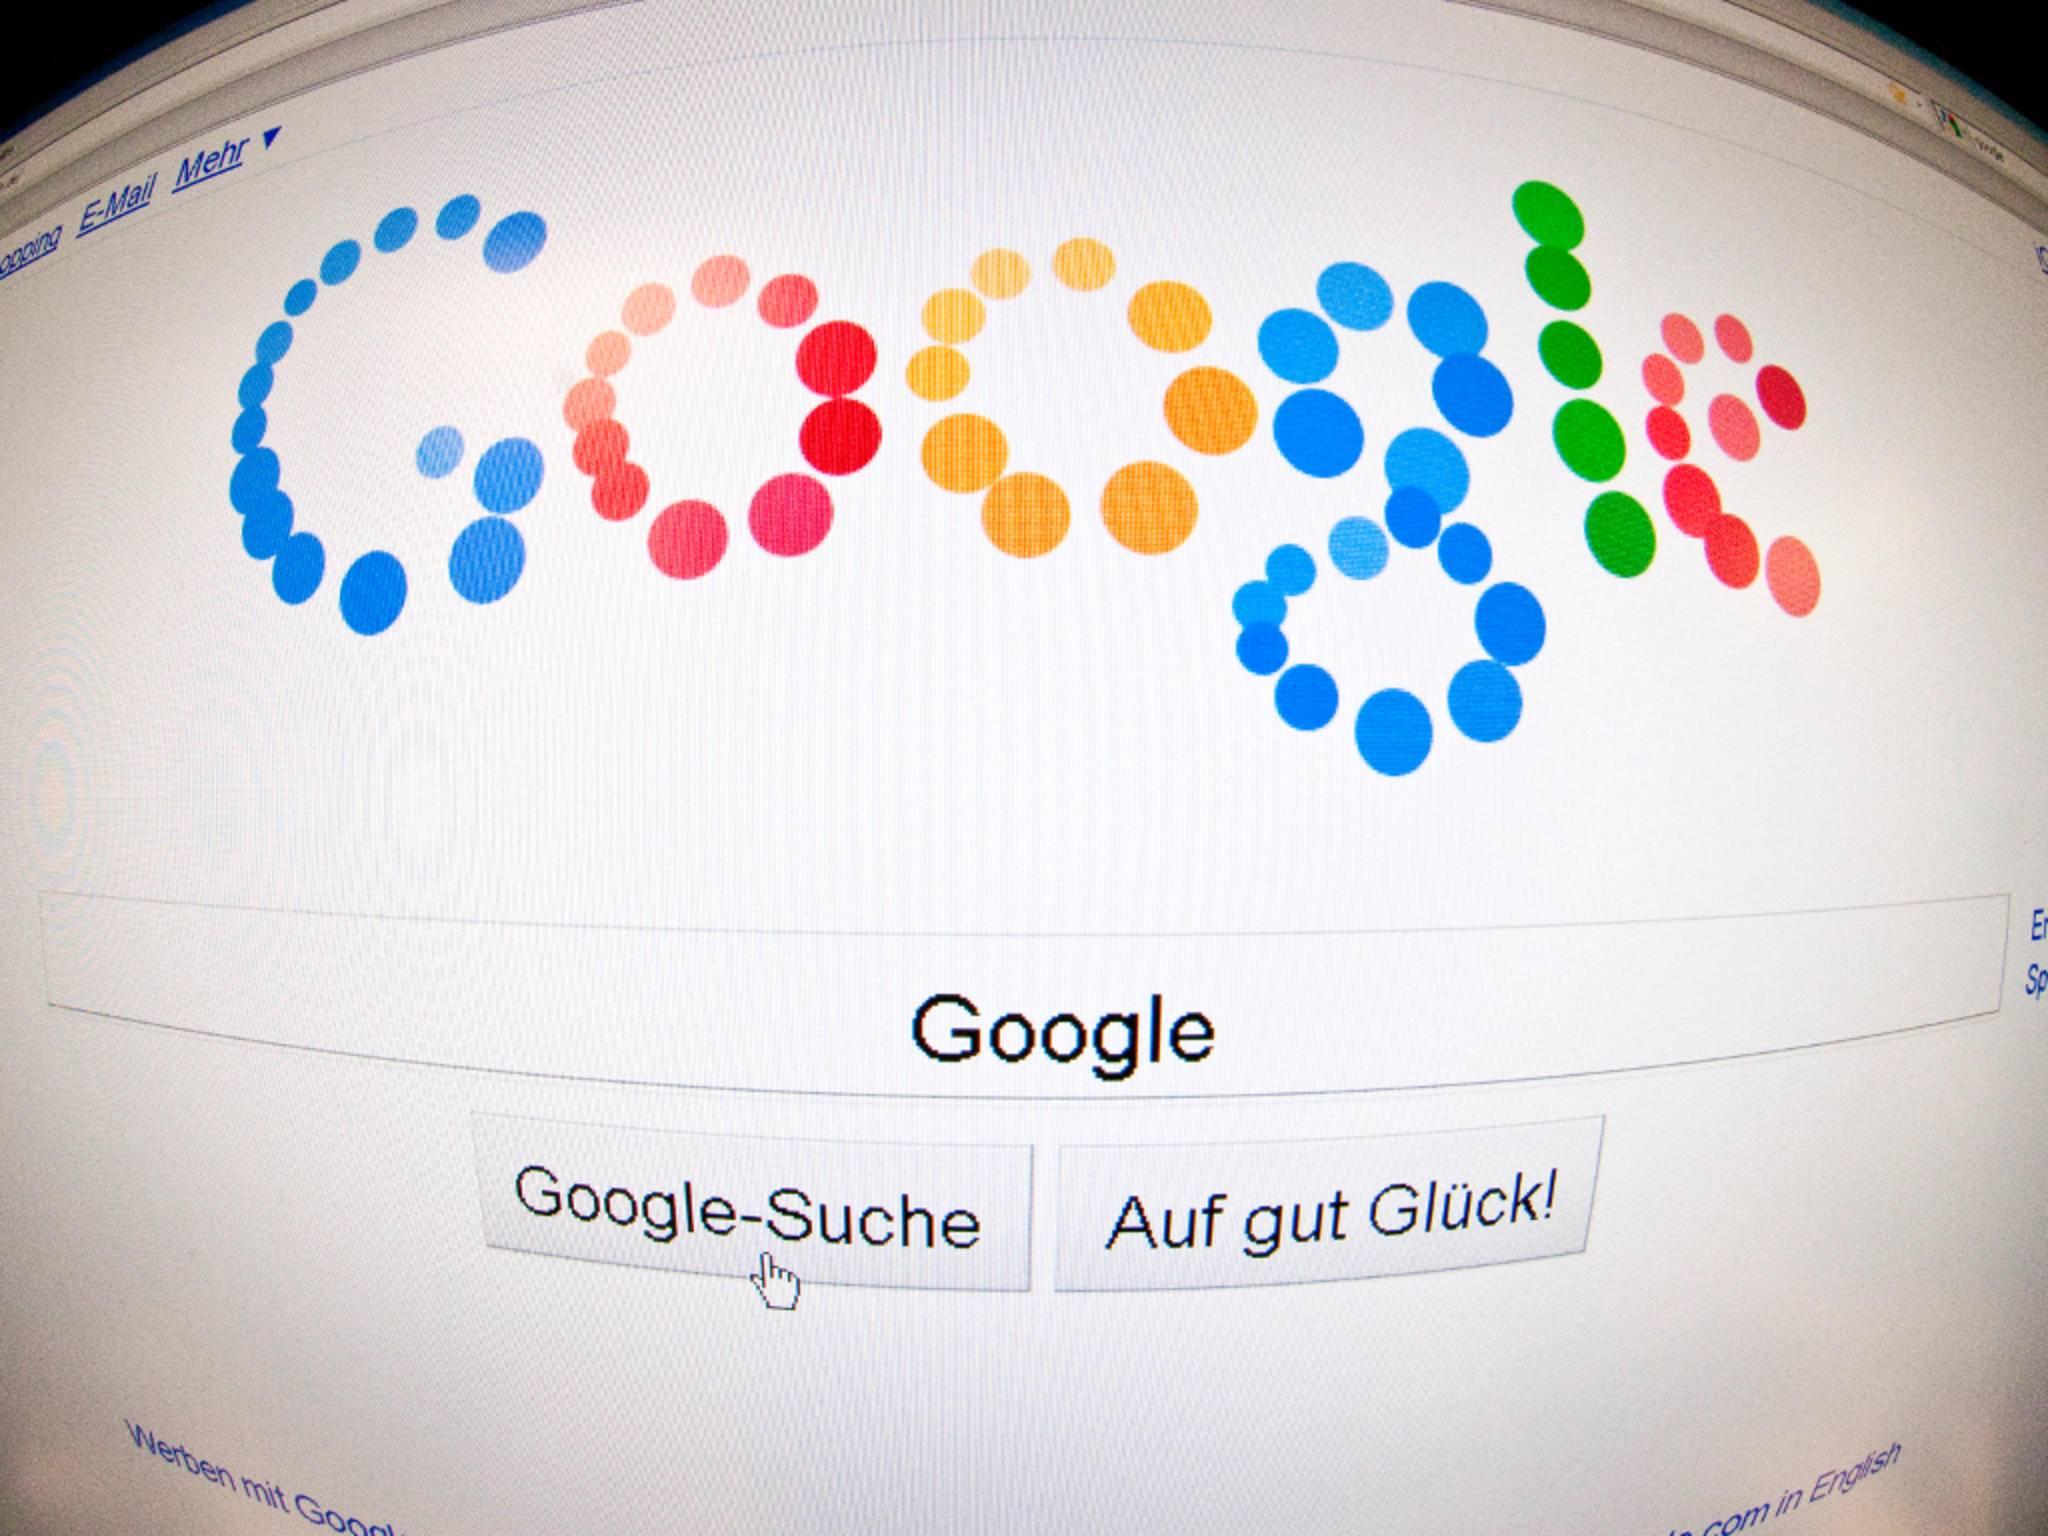 Die WM 2014 und das iPhone 6 wurden in Deutschland besonders häufig bei Google gesucht.